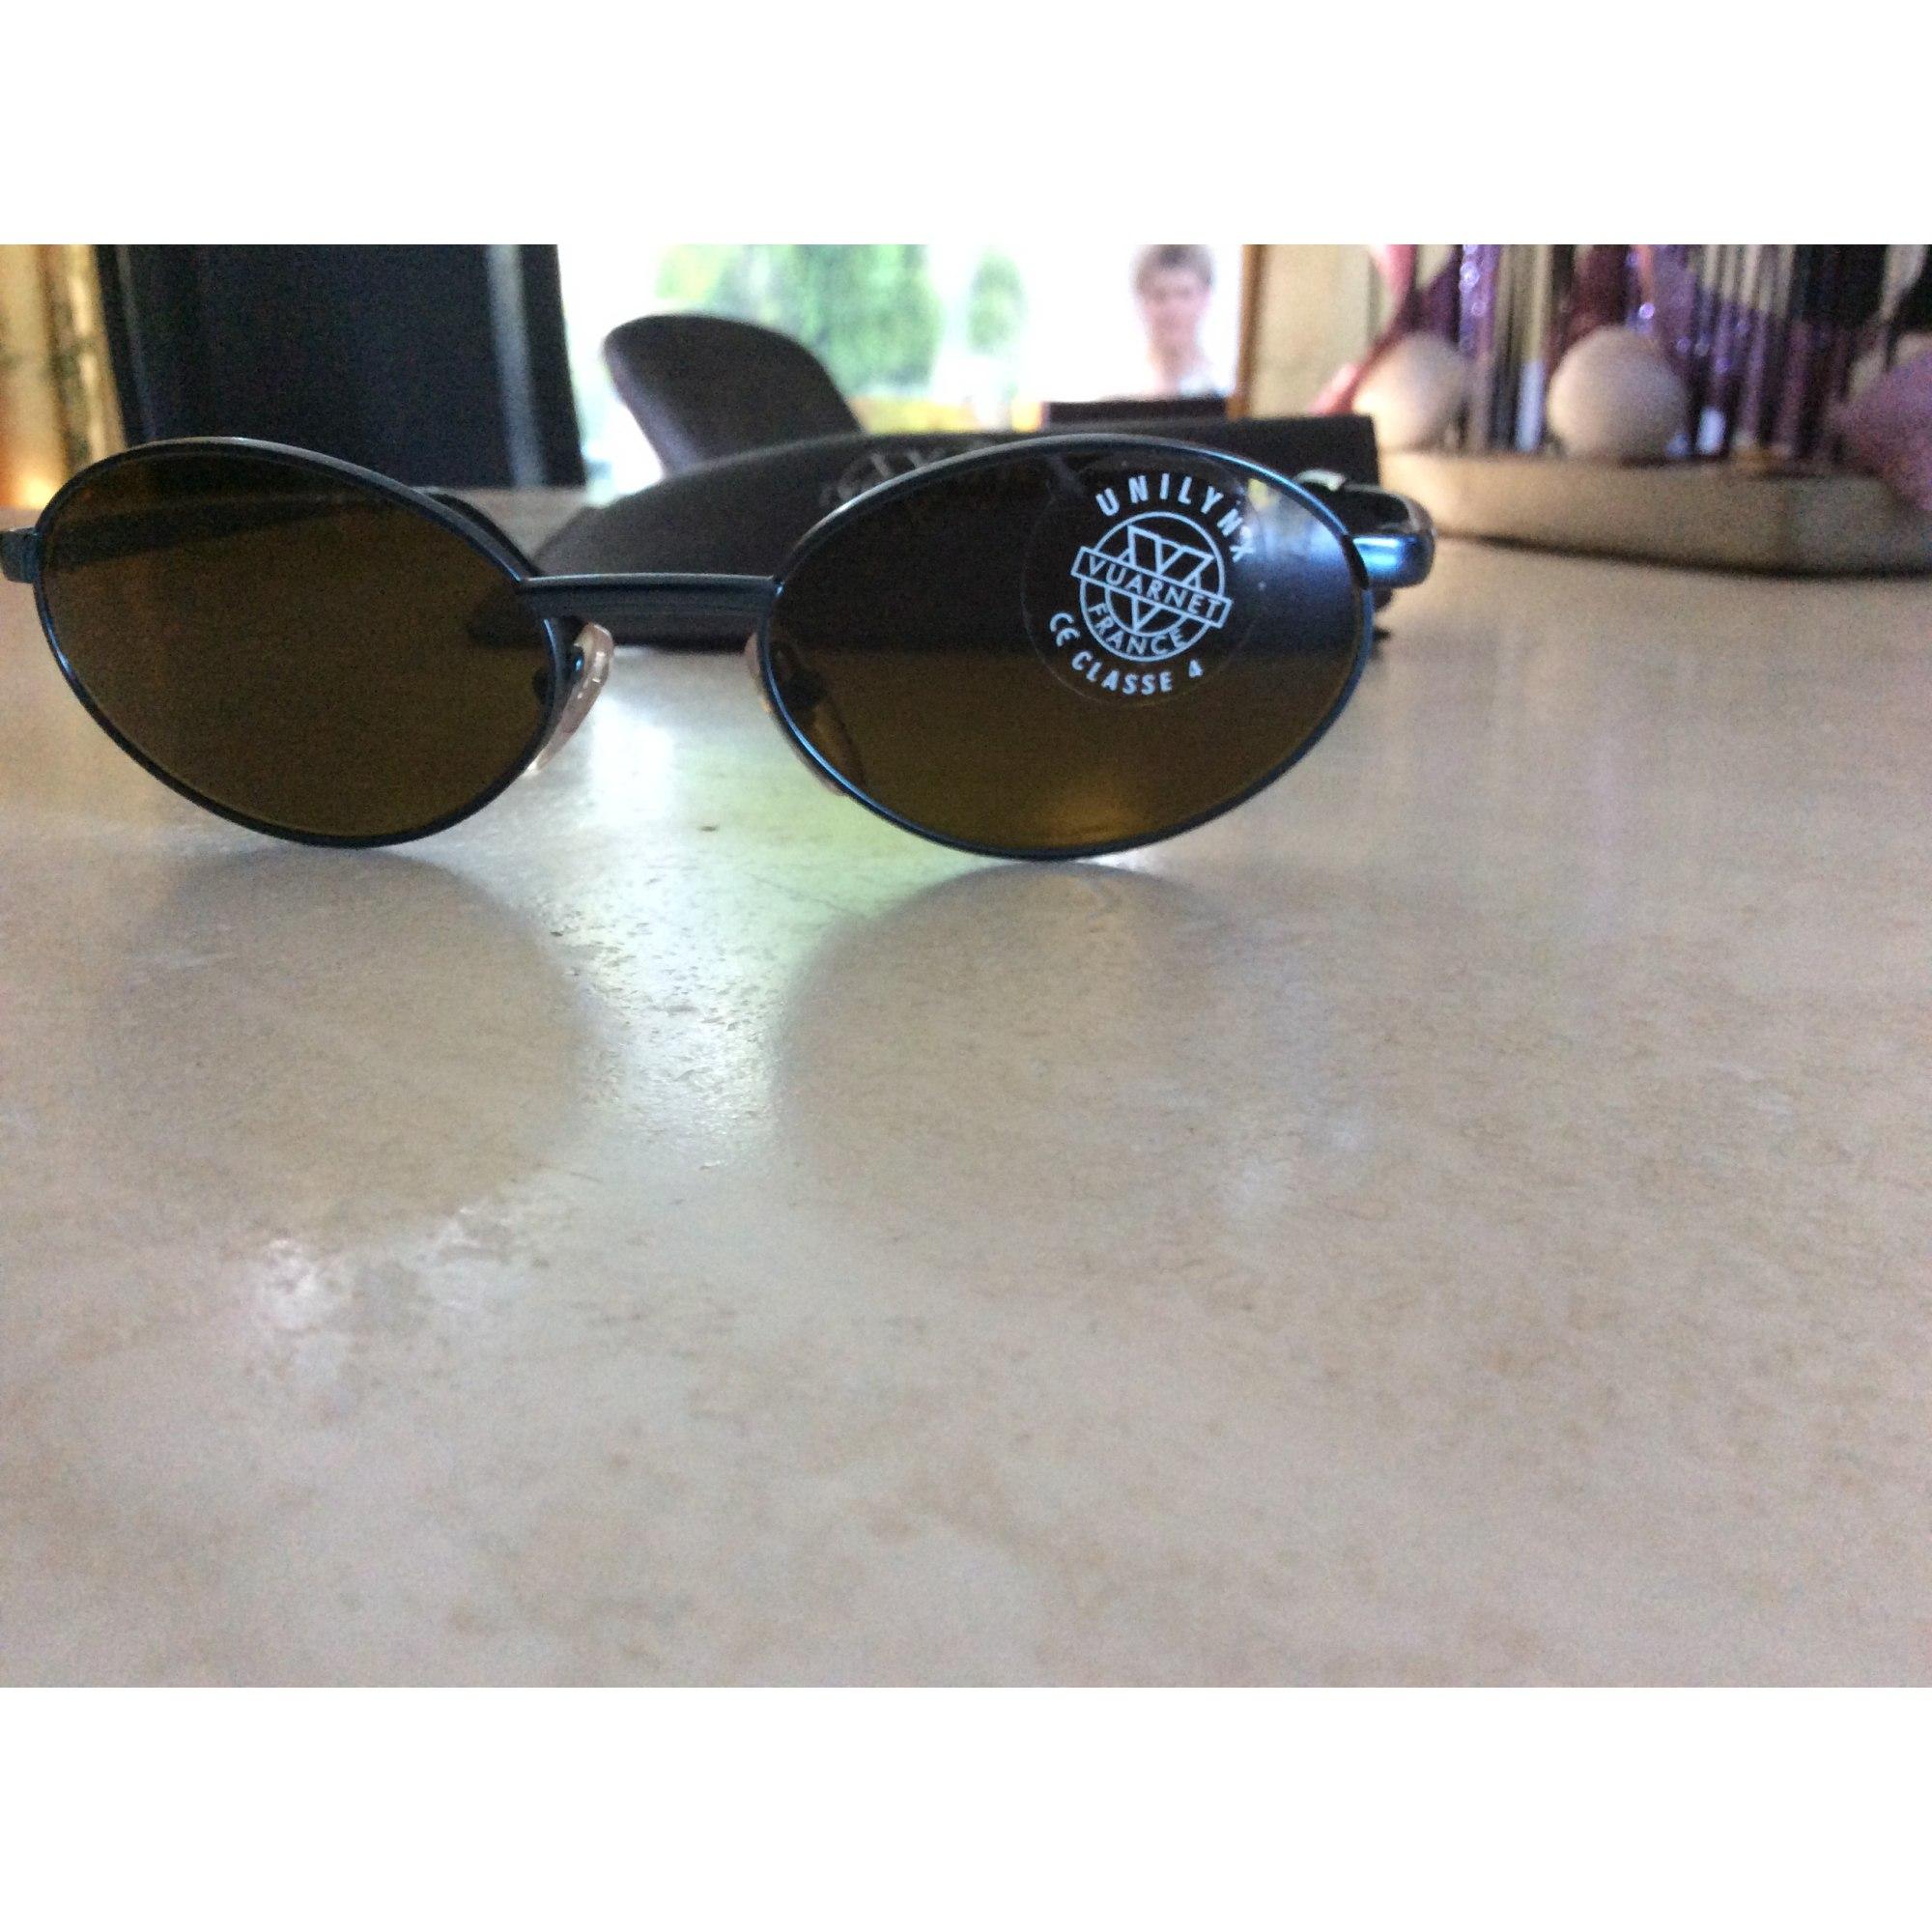 Lunettes de soleil VUARNET doré vendu par Miss cathie20399 - 3858939 c384d232b27e